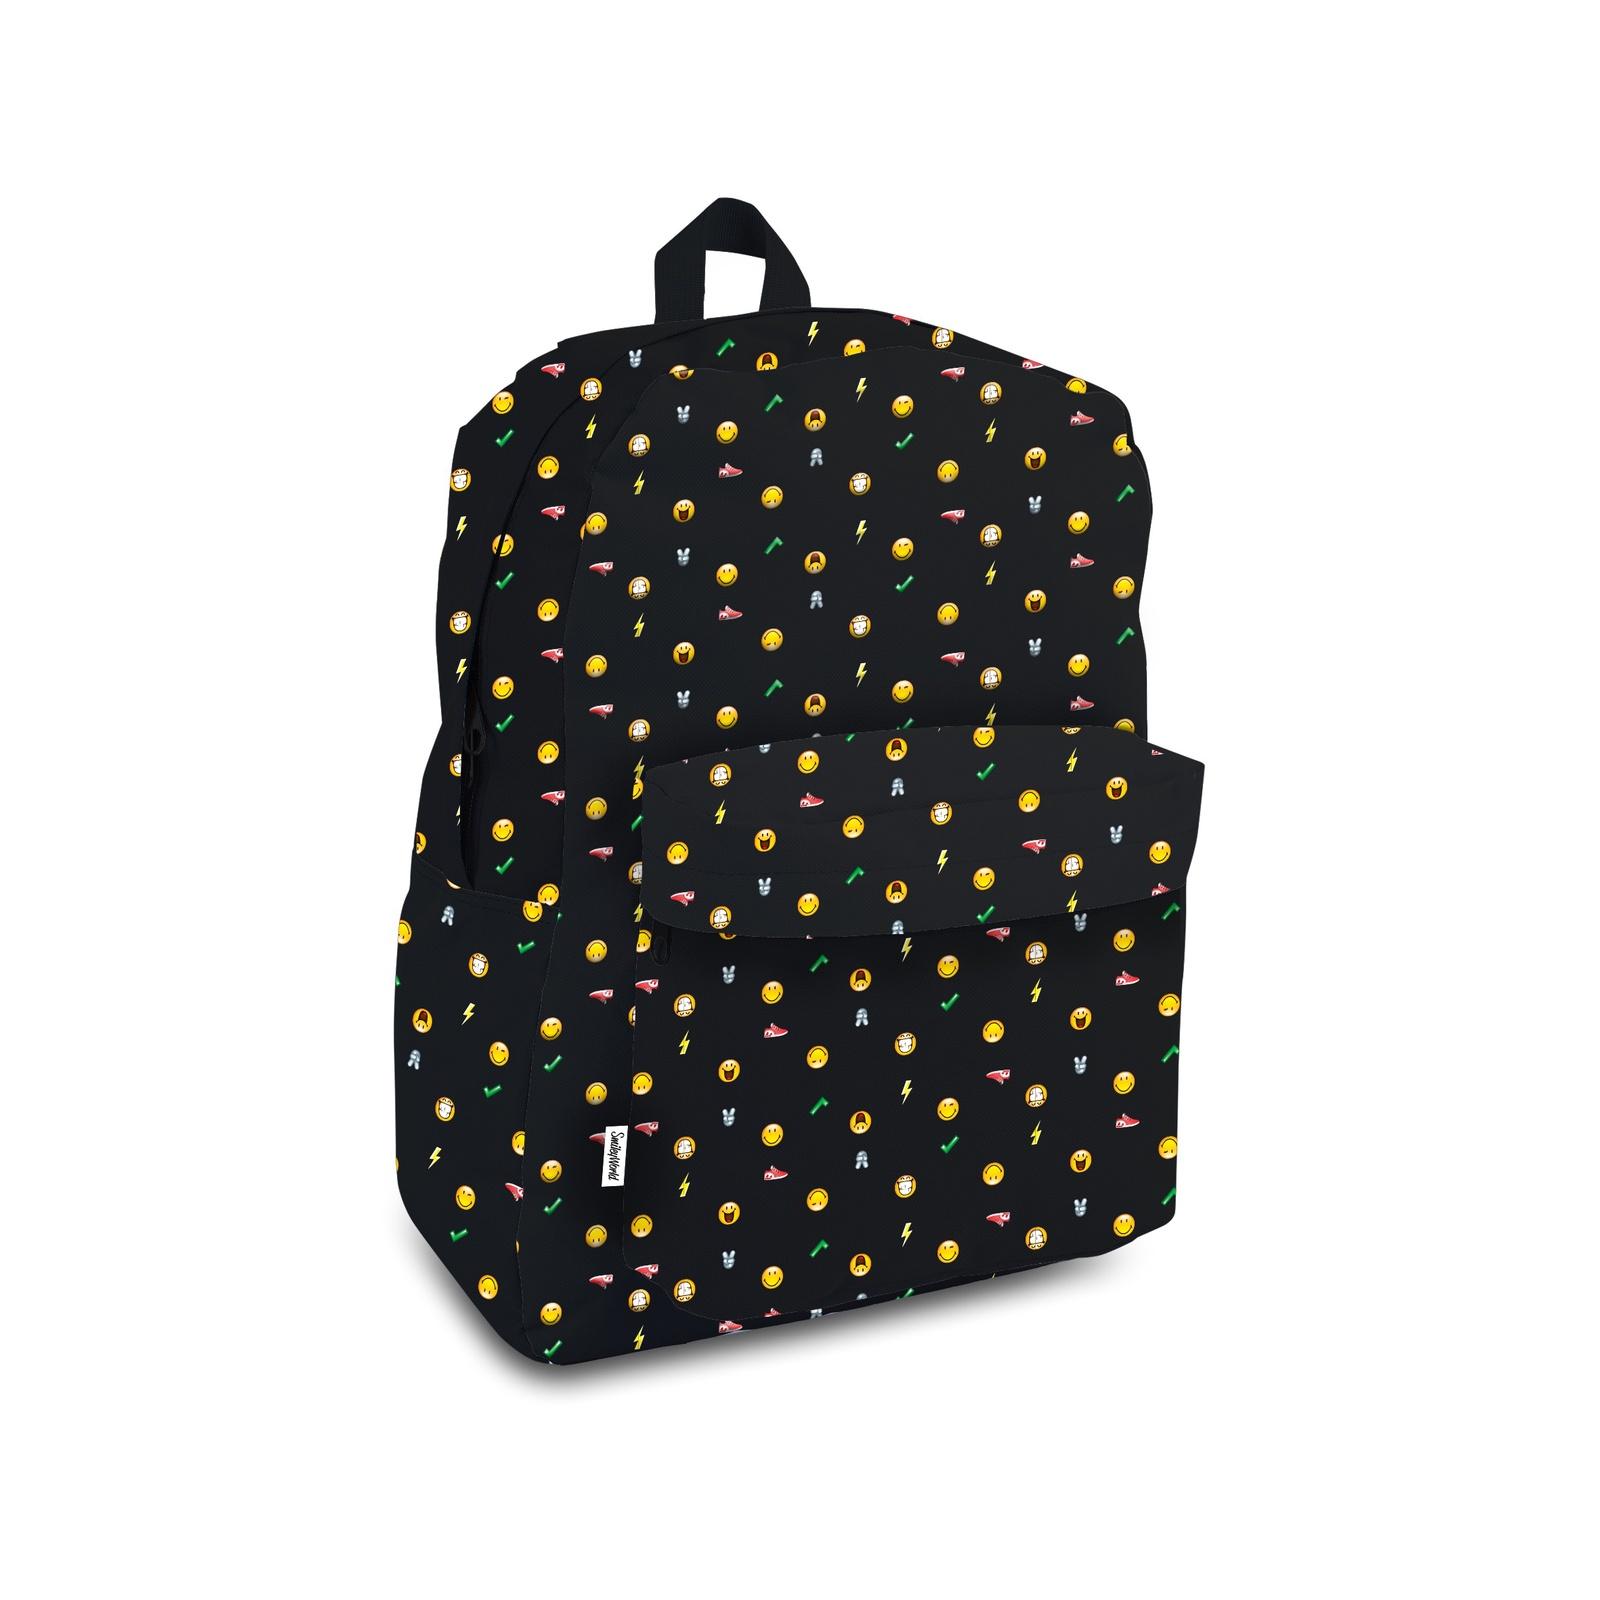 Рюкзак школьный Lannoo 445667/1, черный